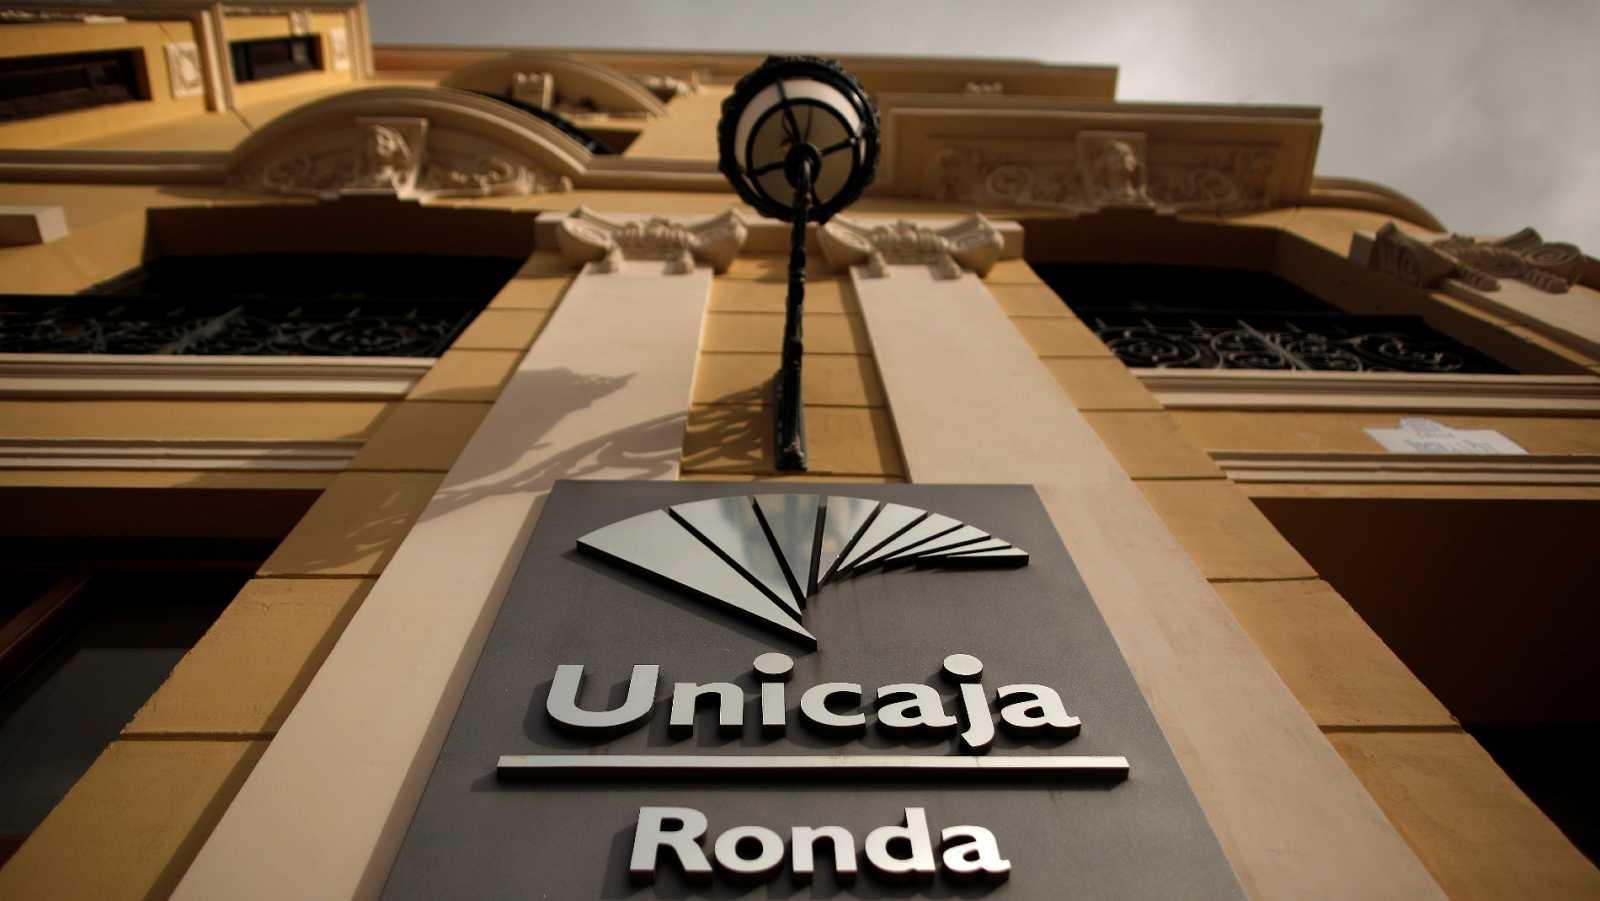 Logotipo de Unicaja en una sucursal en Ronda